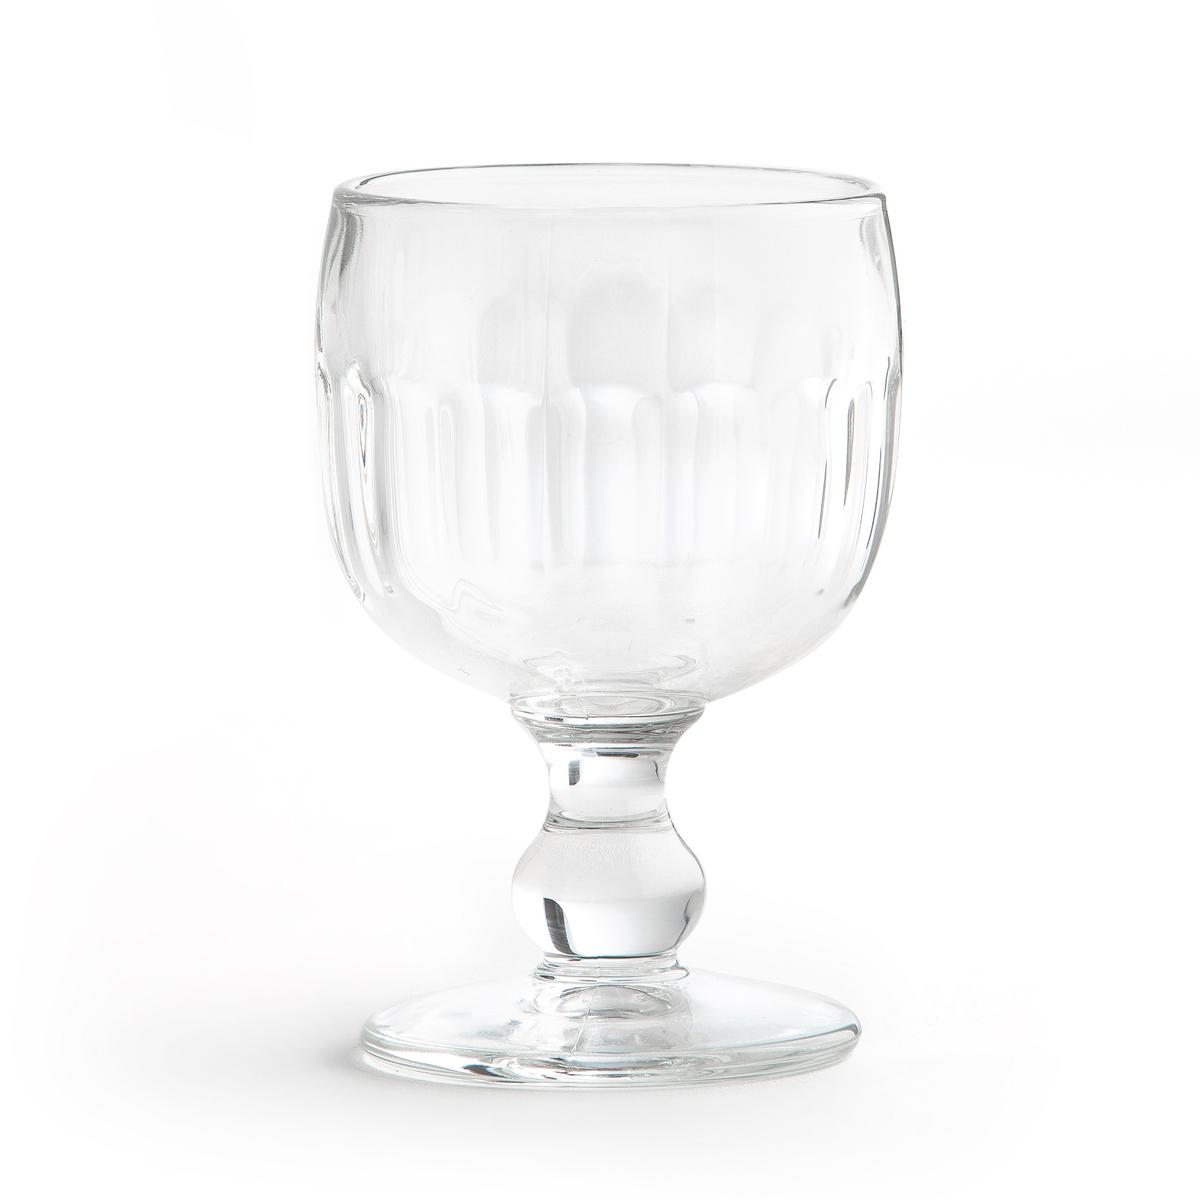 Комплект из 6 бокалов для вина Alchyse